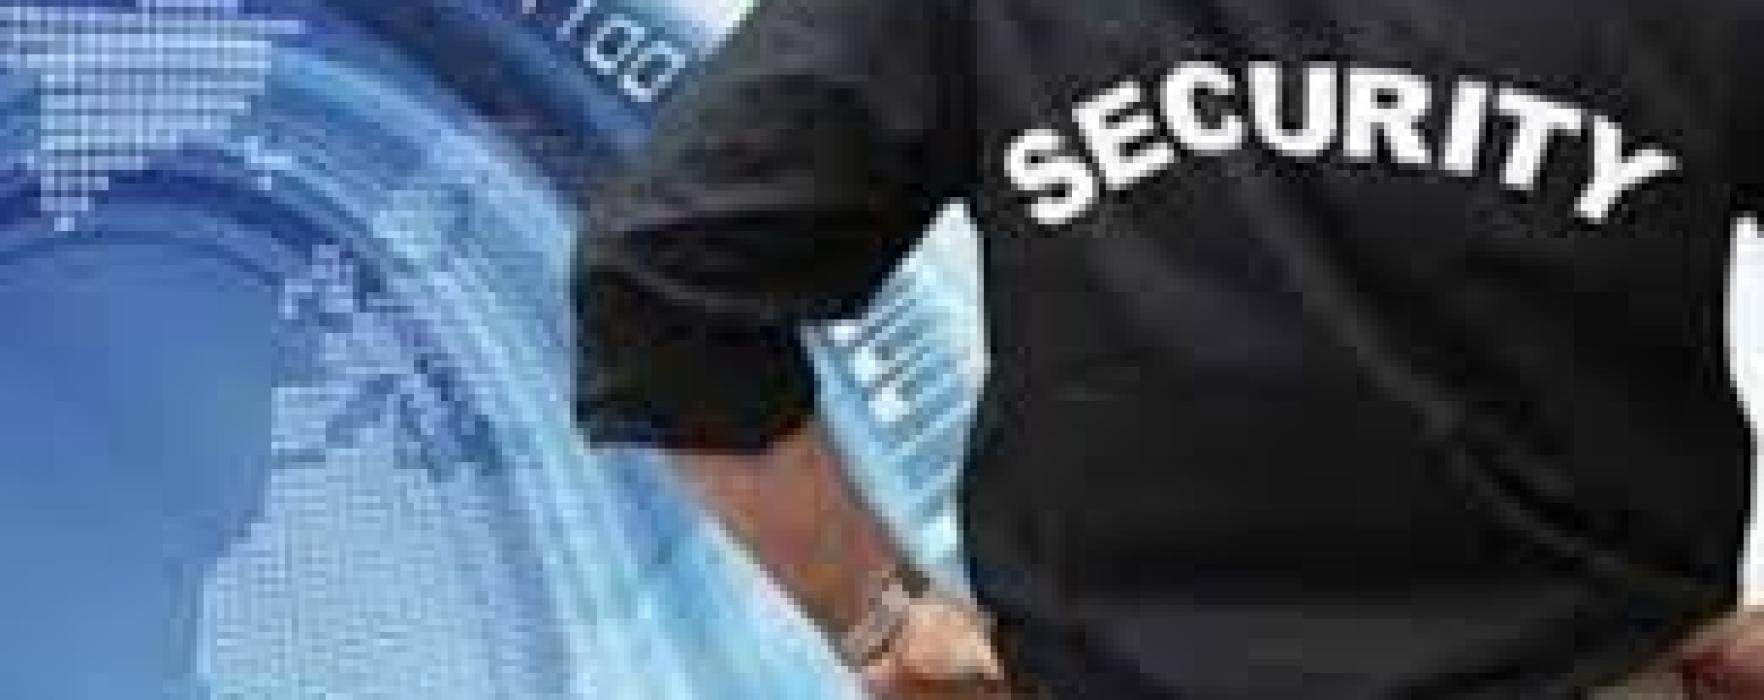 Sicurezza in città e città sicura